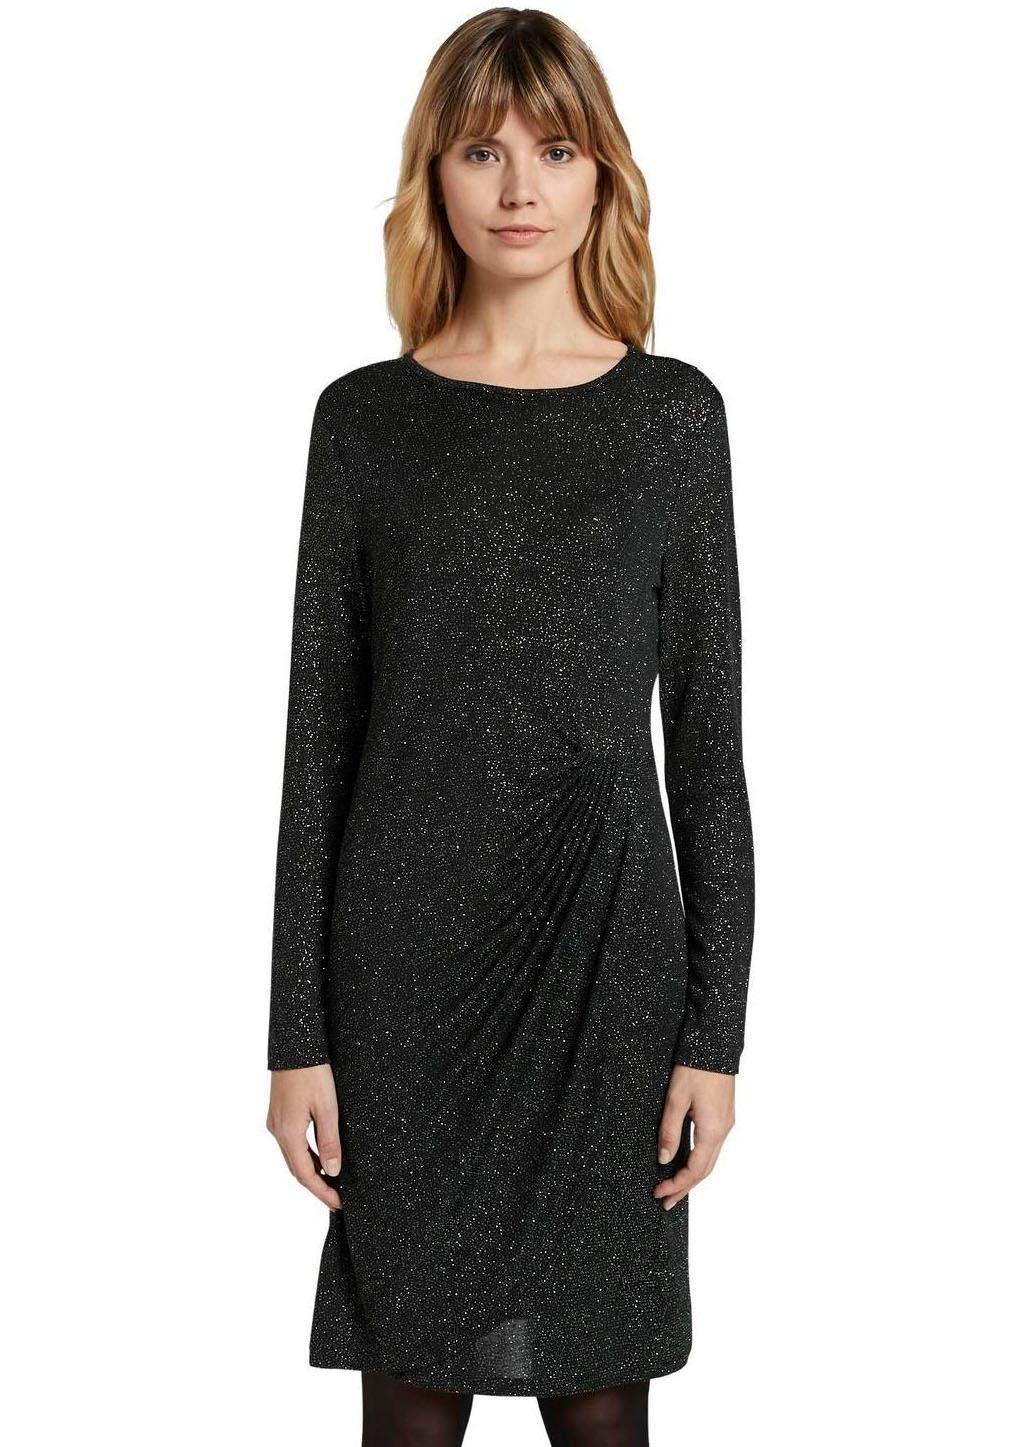 TOM TAILOR Denim Jerseykleid Damenmode/Bekleidung/Kleider/Shirtkleider